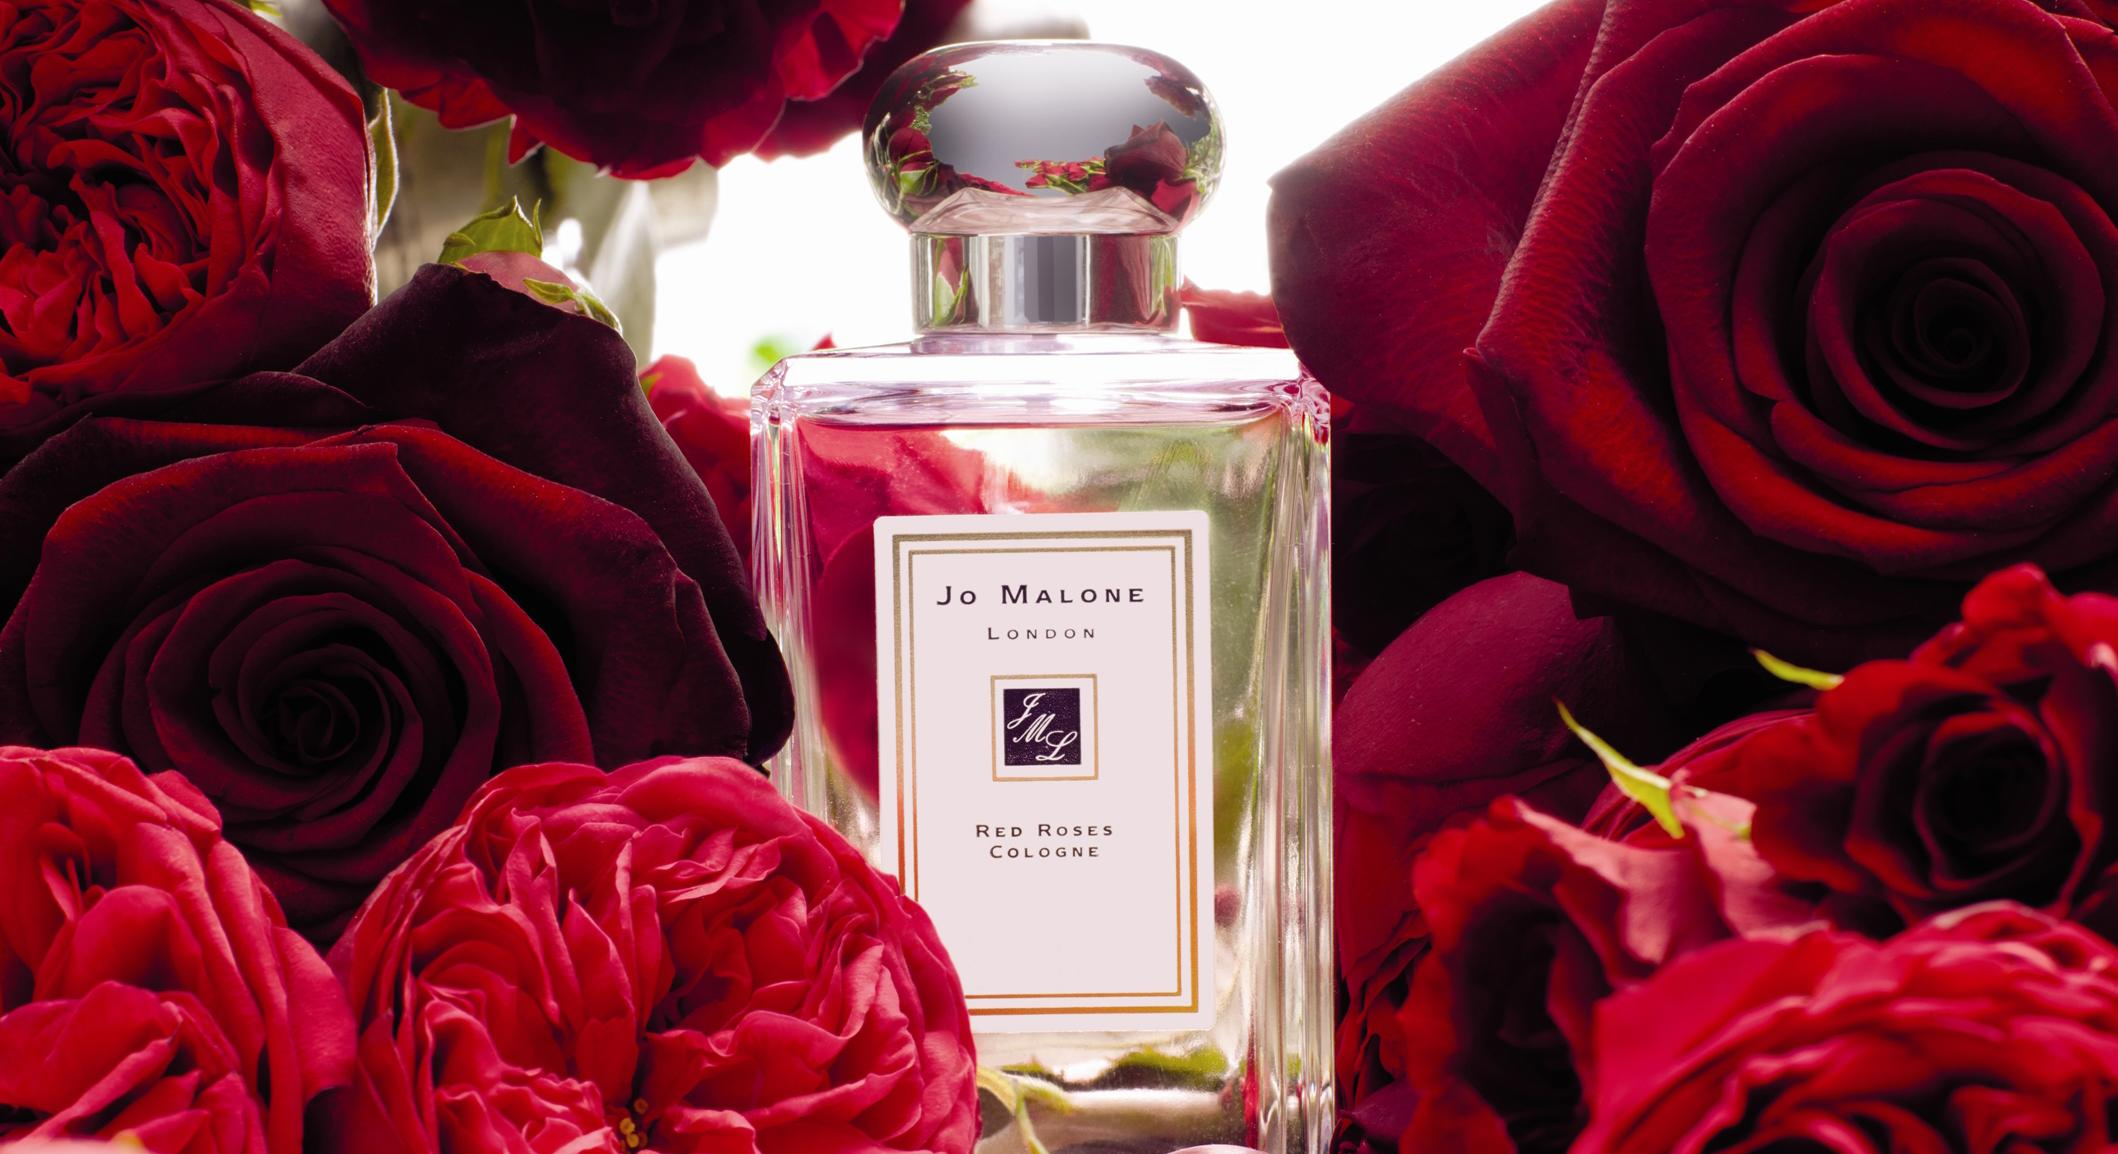 ученика ароматы с запахом розы фото должен быть сорт